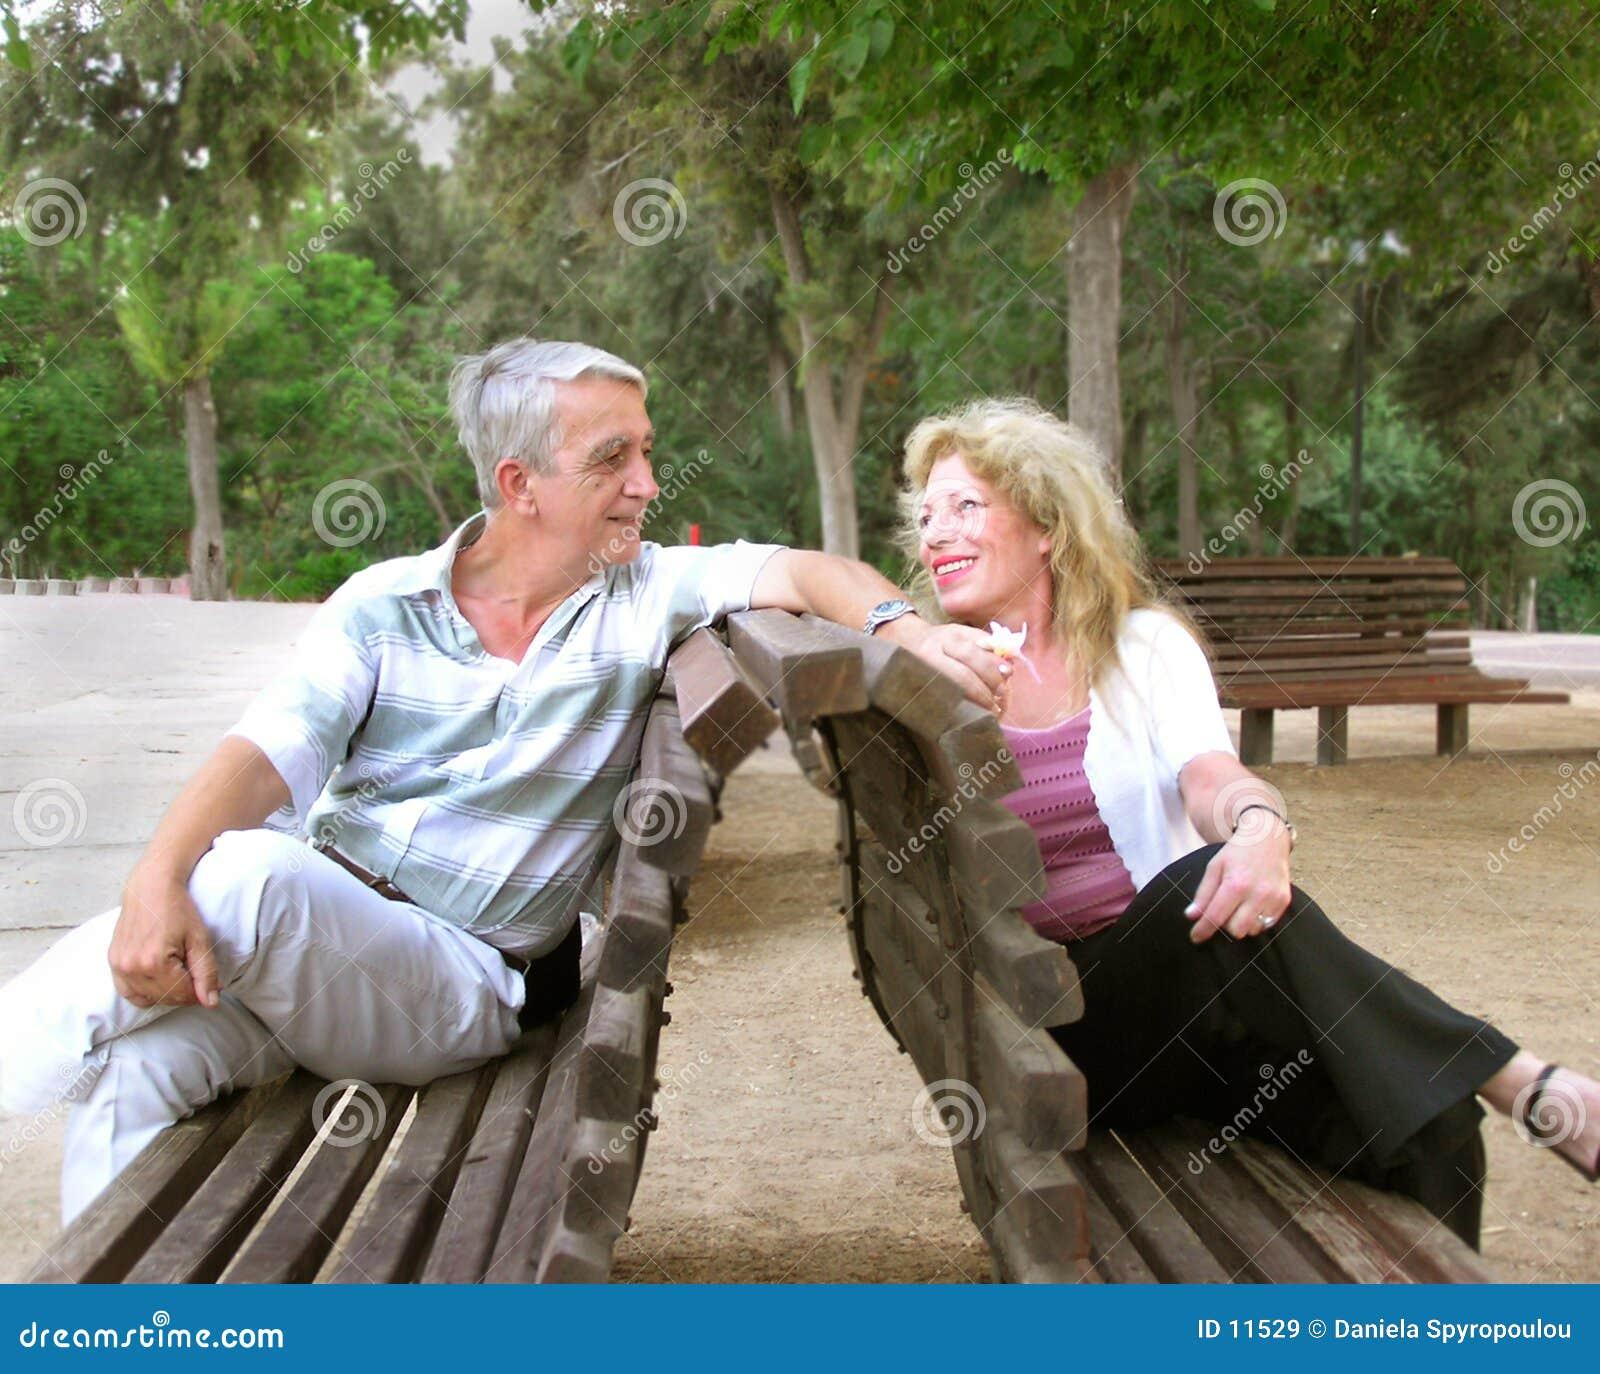 Download Romantische fällige Paare stockbild. Bild von fällig, beiläufig - 11529